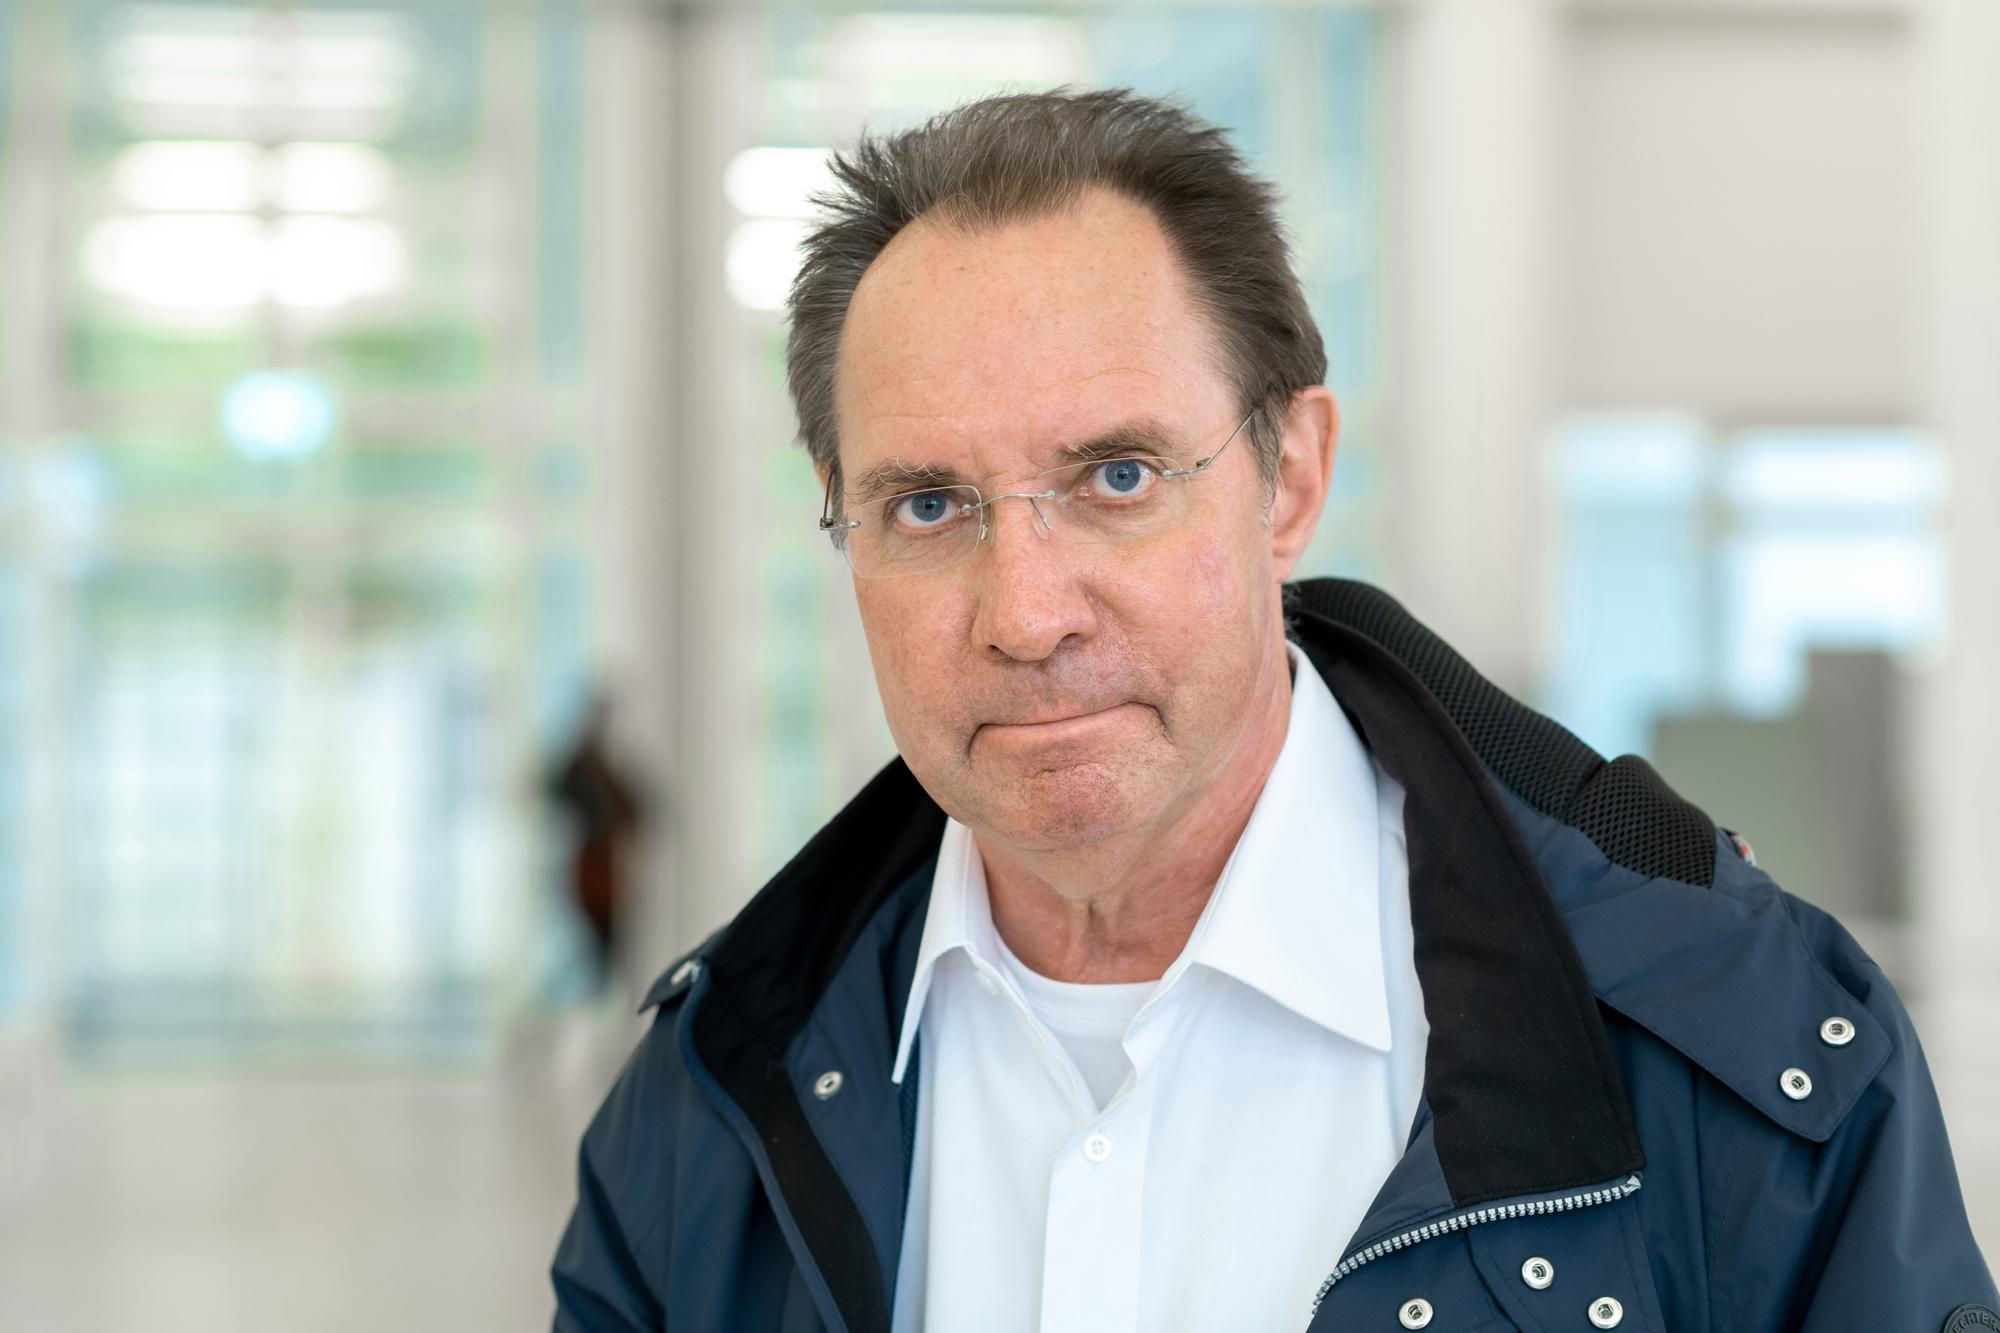 PD Dr. med. Hellmut Ottinger